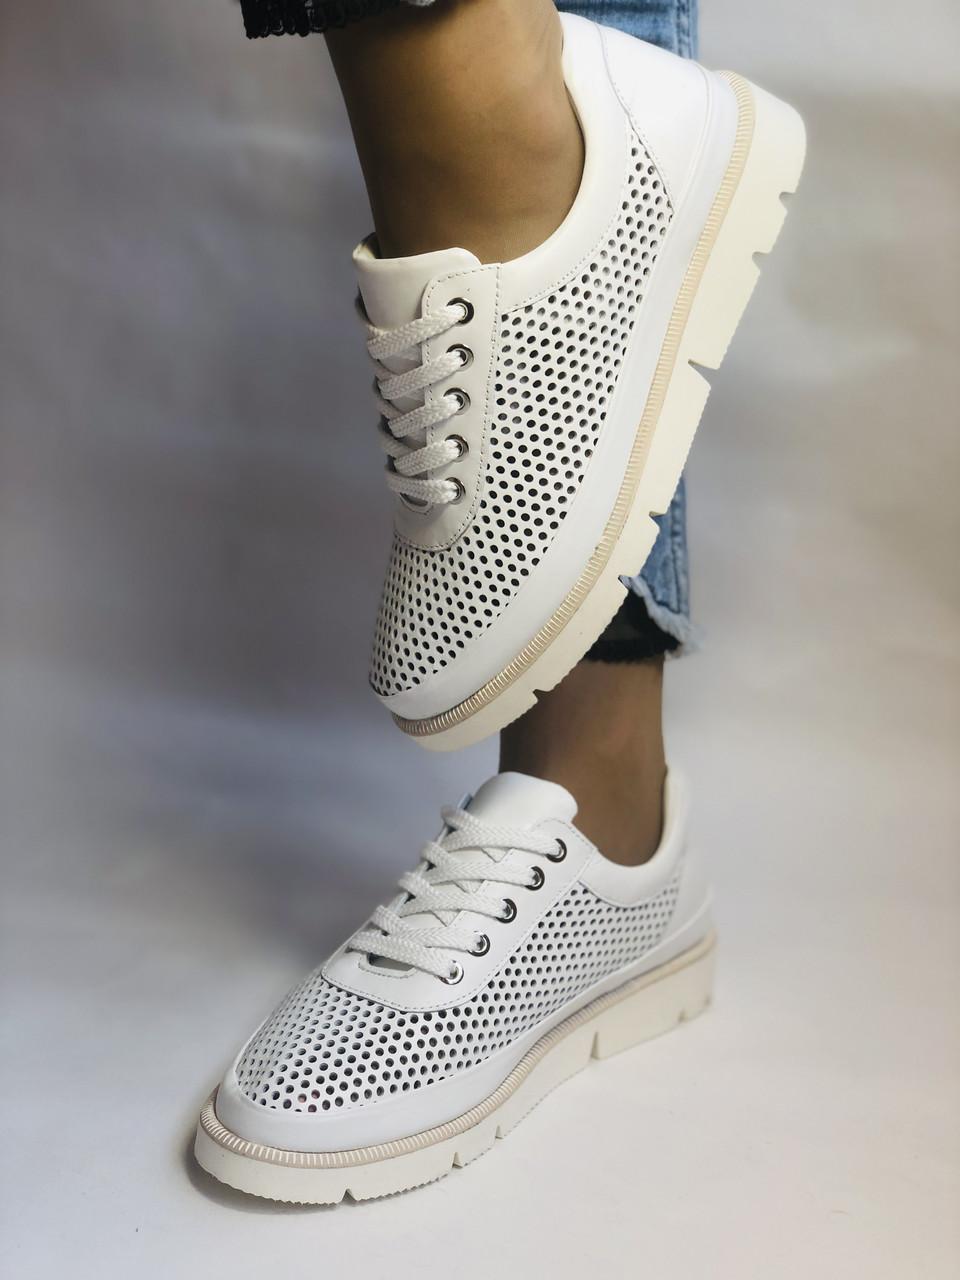 Alpino.Туреччина. Жіночі кеди - кросівки. Натуральна шкіра. Білі з перфорацією. Розмір 36,37,38,39,40.